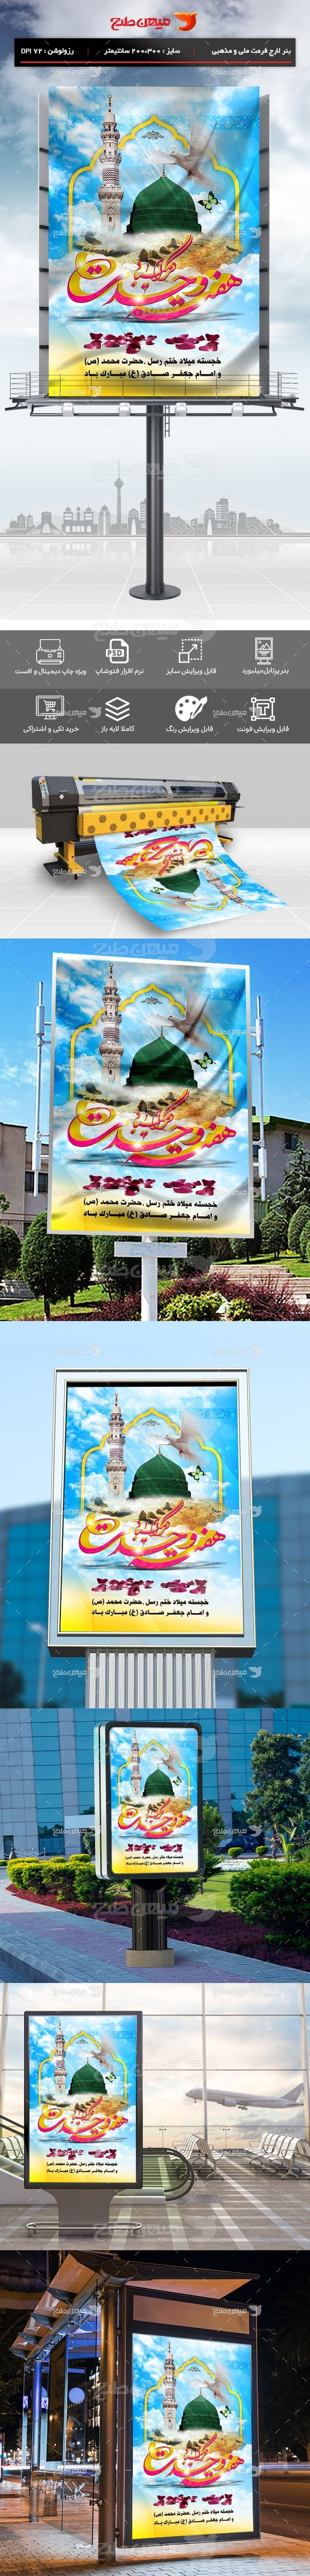 طرح لایه باز بنر ولادت حضرت محمد (ص) و هفته وحدت